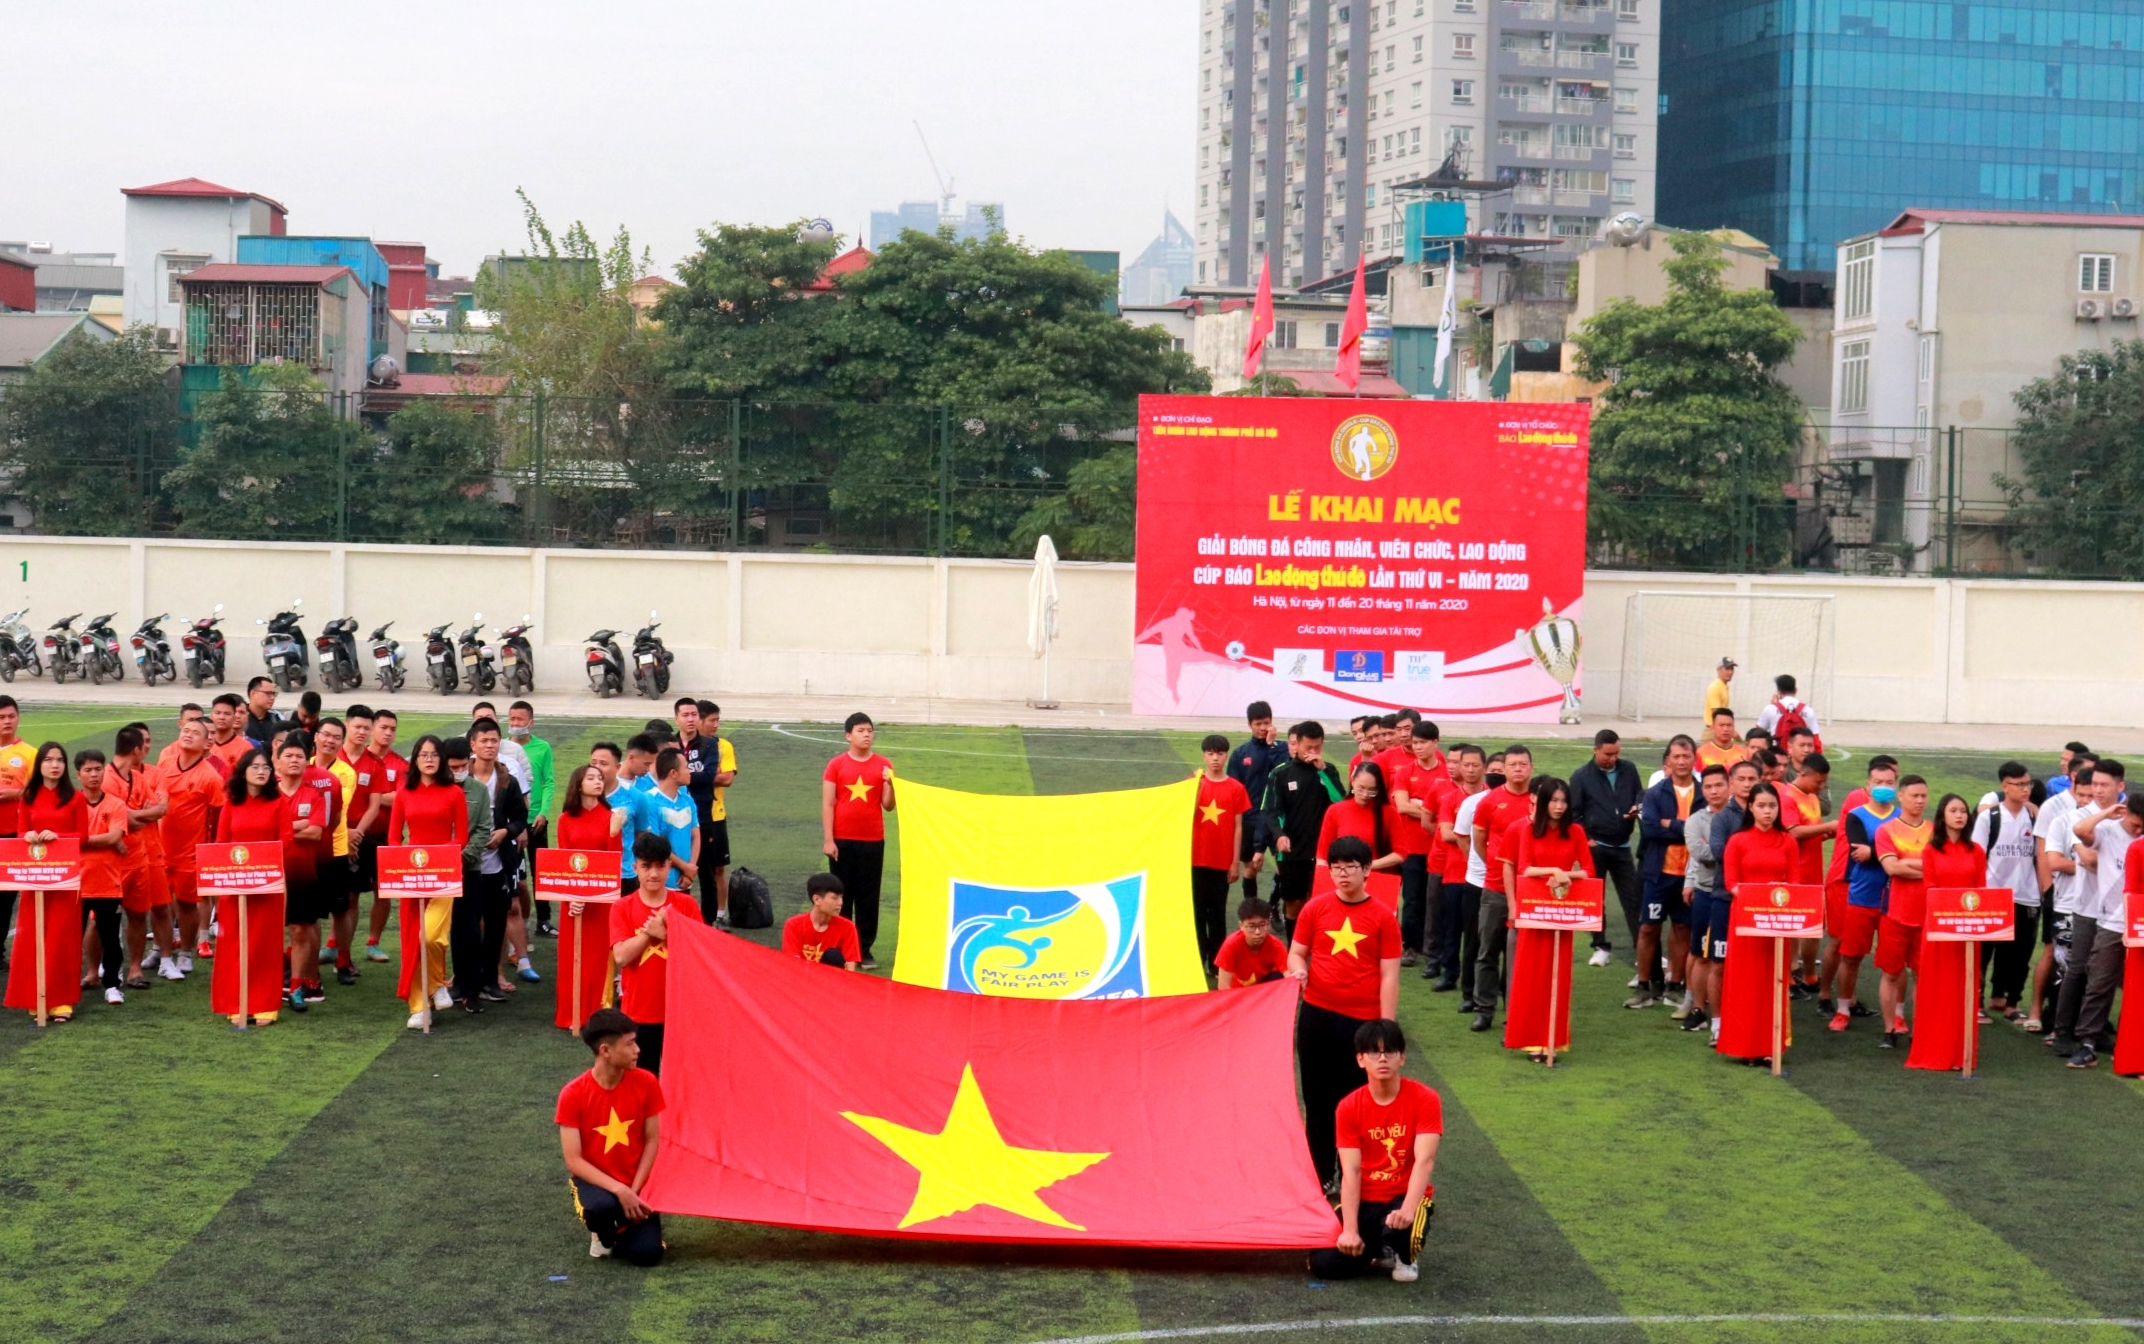 Khai mạc Giải bóng đá công nhân viên chức lao động Cúp Báo Lao động Thủ đô lần thứ VI